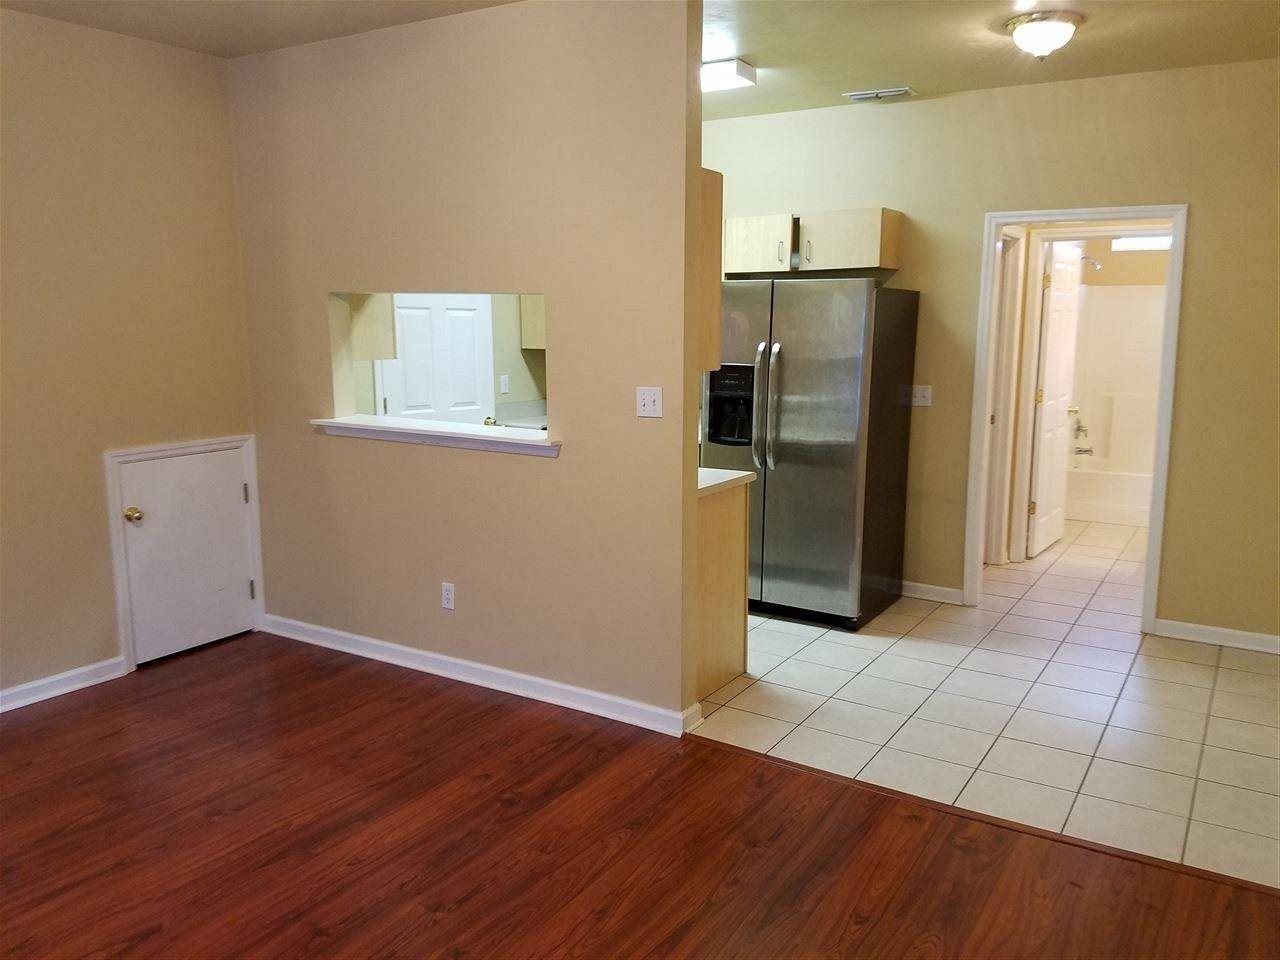 Photo of 3100 Dian Road #402, TALLAHASSEE, FL 32304 (MLS # 332232)